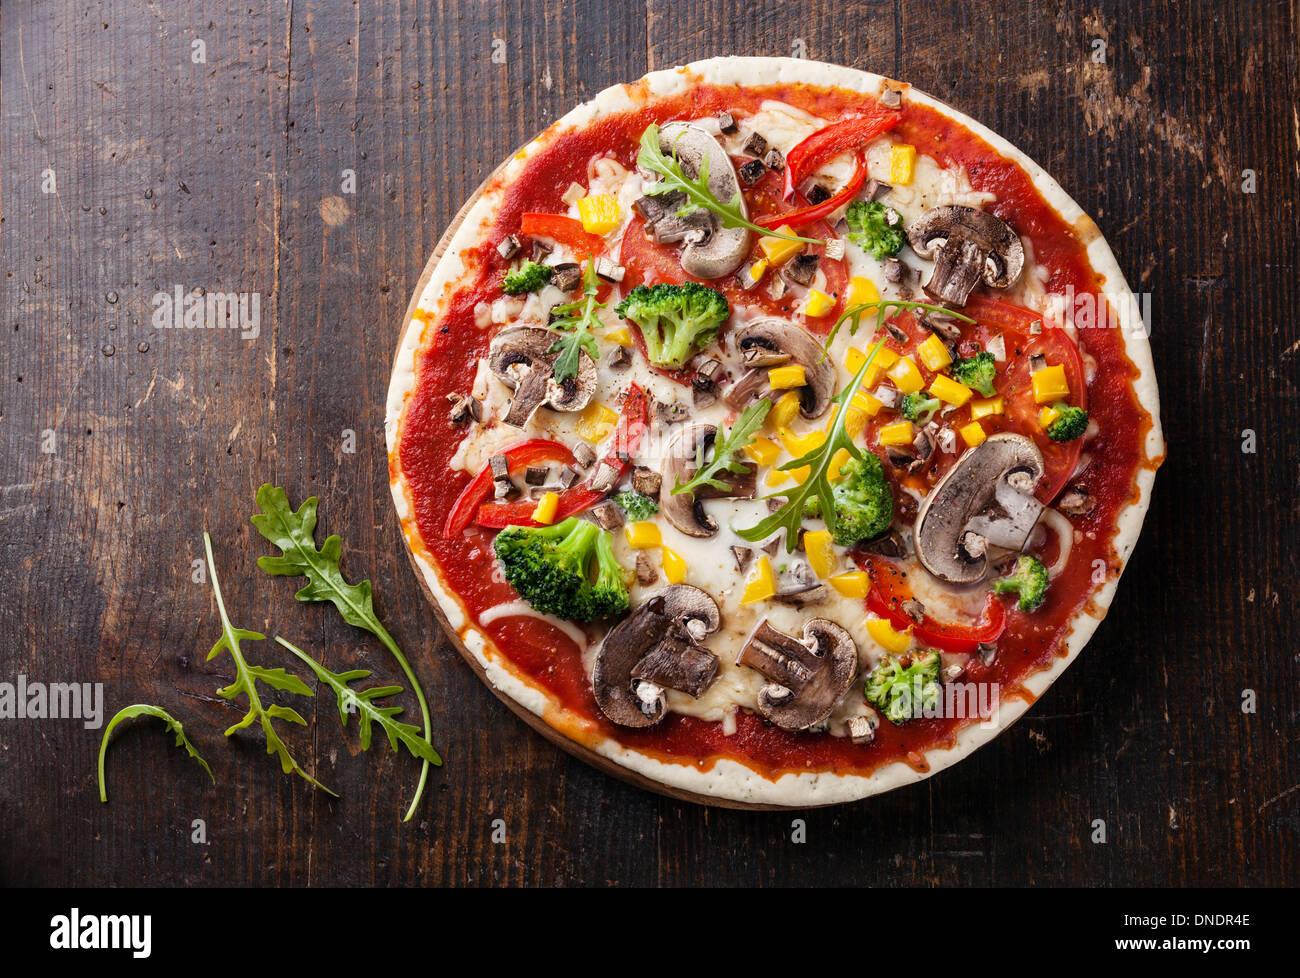 Pizza végétarienne avec champignons et ruccola sur table en bois Photo Stock